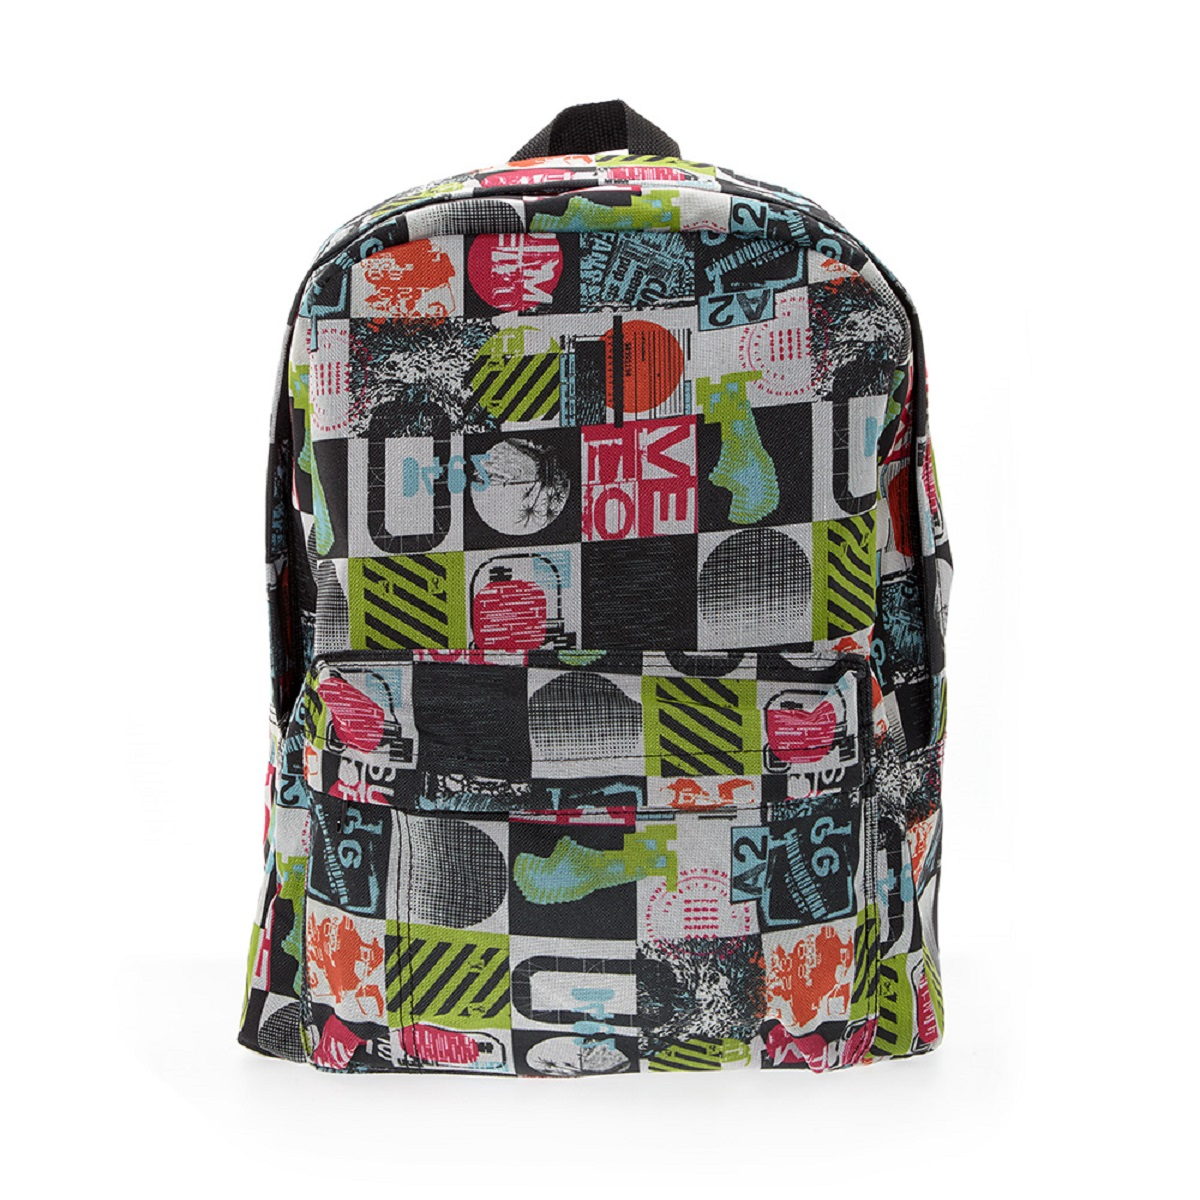 Рюкзак городской 3D Bags Луна, 16 л3DBC490Стильный, вместительный и практичный, рюкзак понравится и школьникам, и студентам. Просторный внутренний отсек, наружний карман на молнии будут очень удобны в использовании.